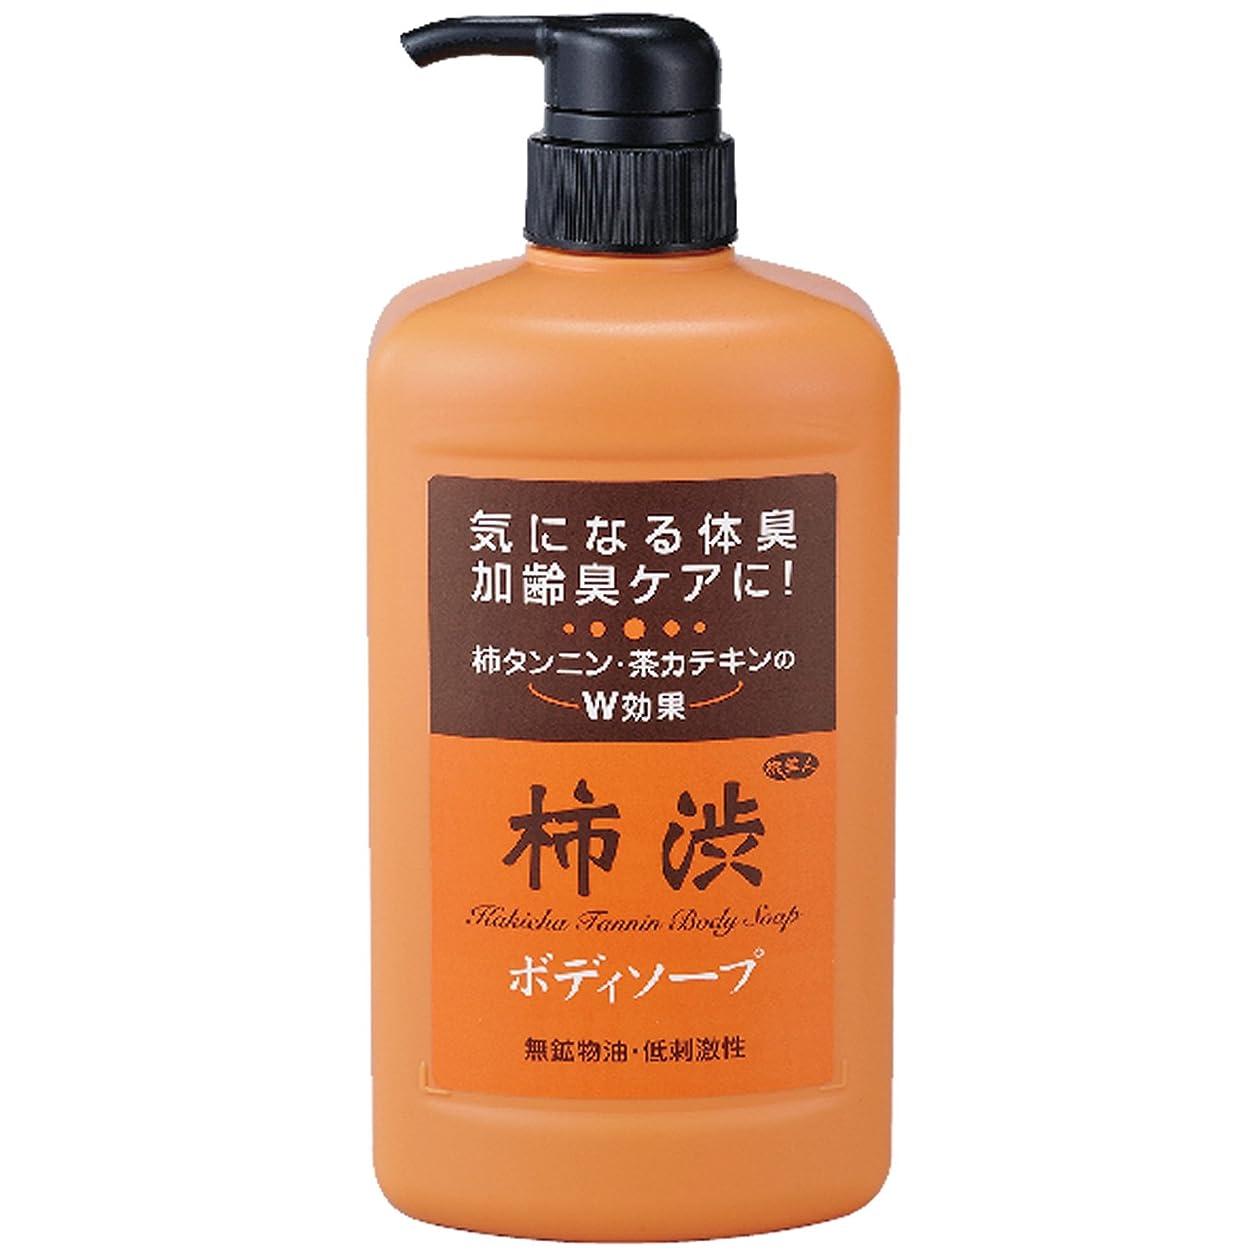 懐疑的受信動アズマ商事の 柿渋ボディソープ850ml